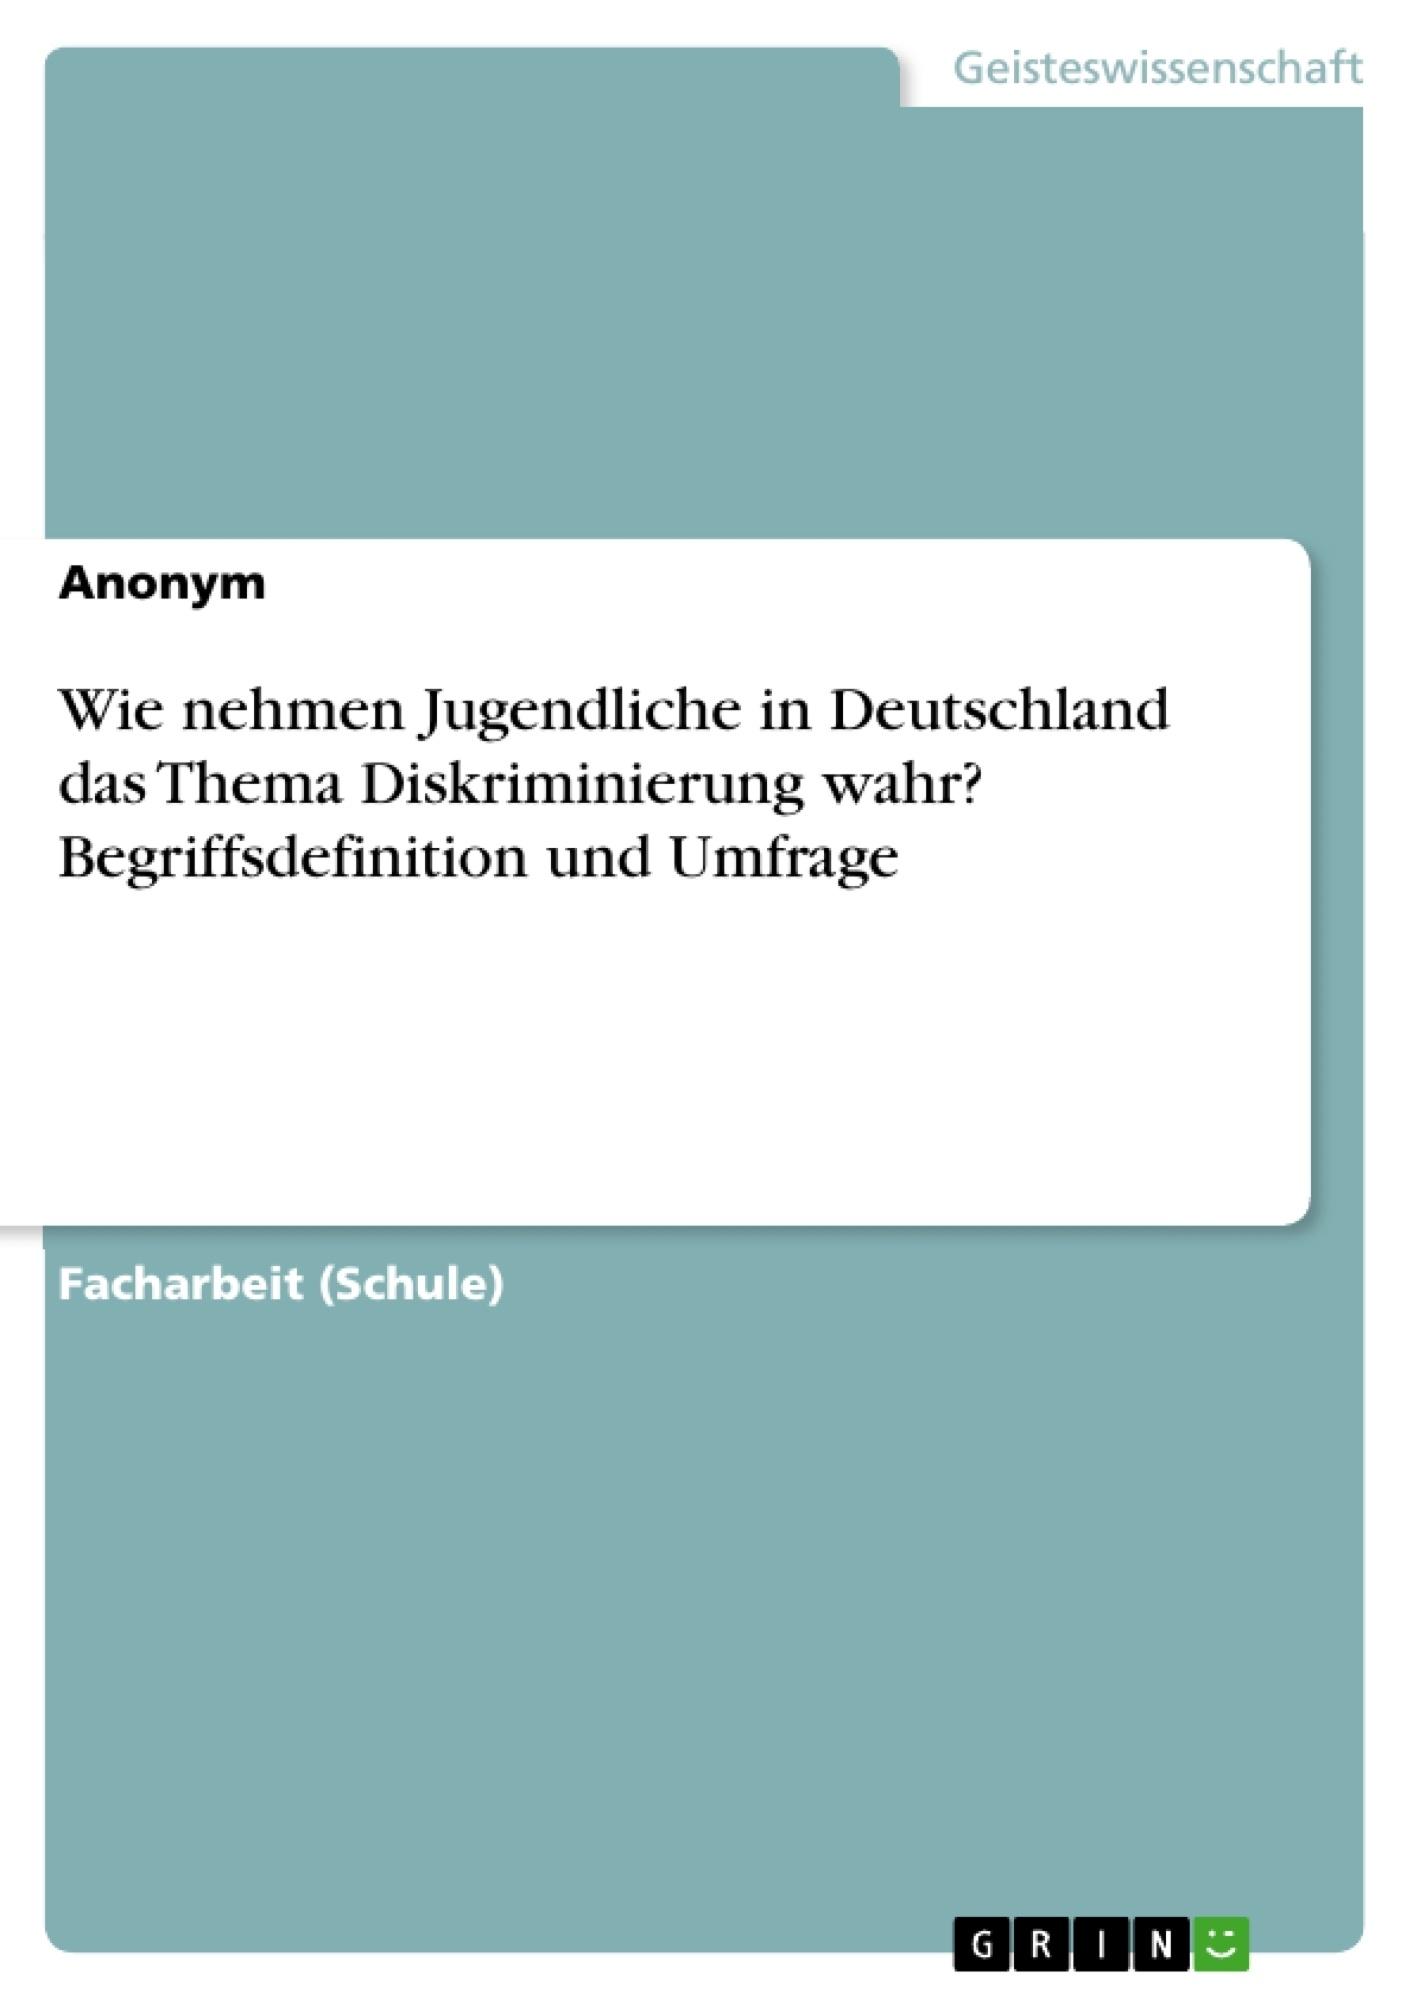 Titel: Wie nehmen Jugendliche in Deutschland das Thema Diskriminierung wahr? Begriffsdefinition und Umfrage